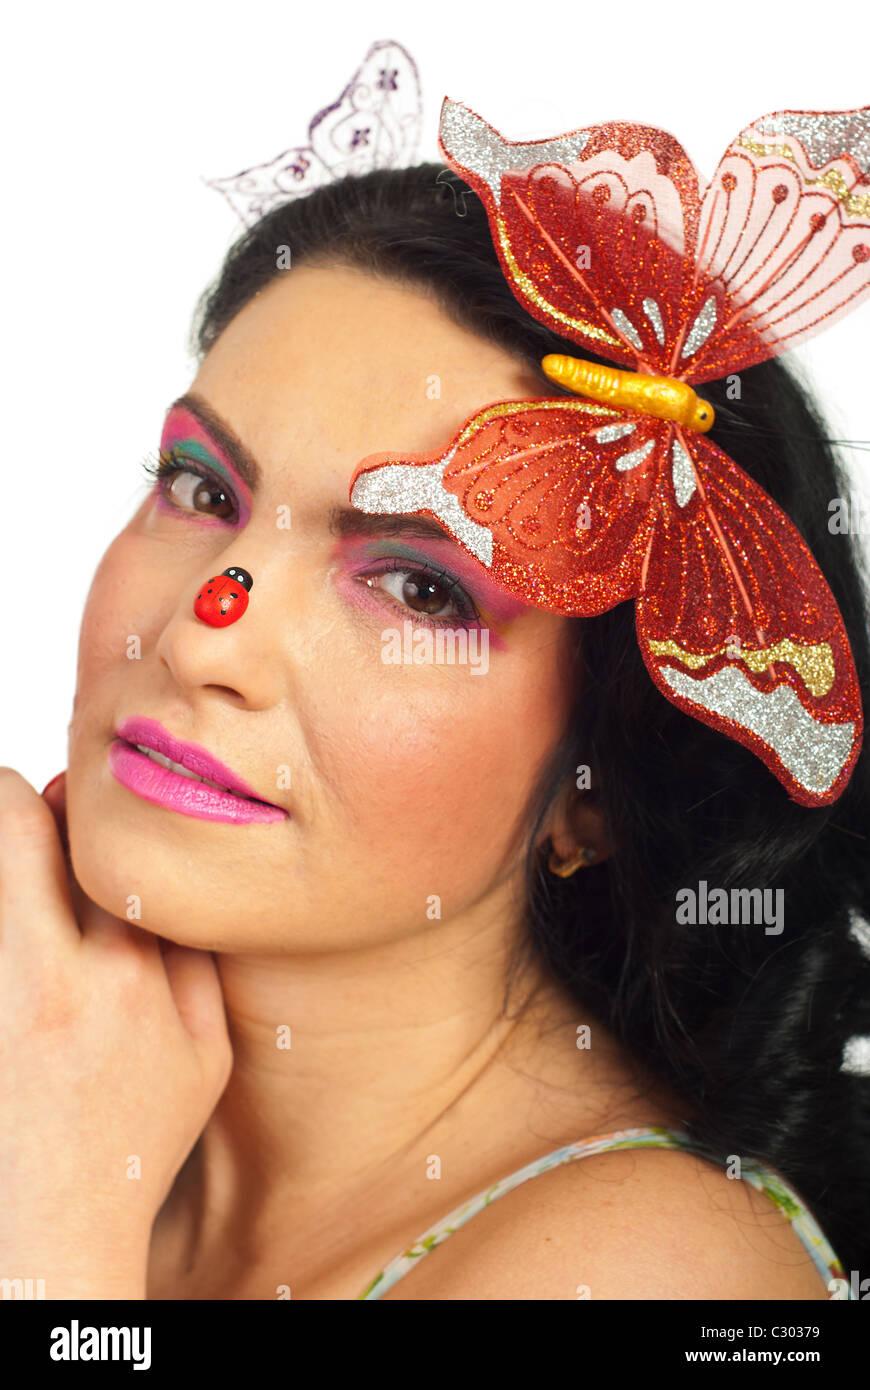 ritratto di donna di bellezza viso in semi profilo con grande farfalla nei capelli e ladybug camminando sul naso isolato su bianco